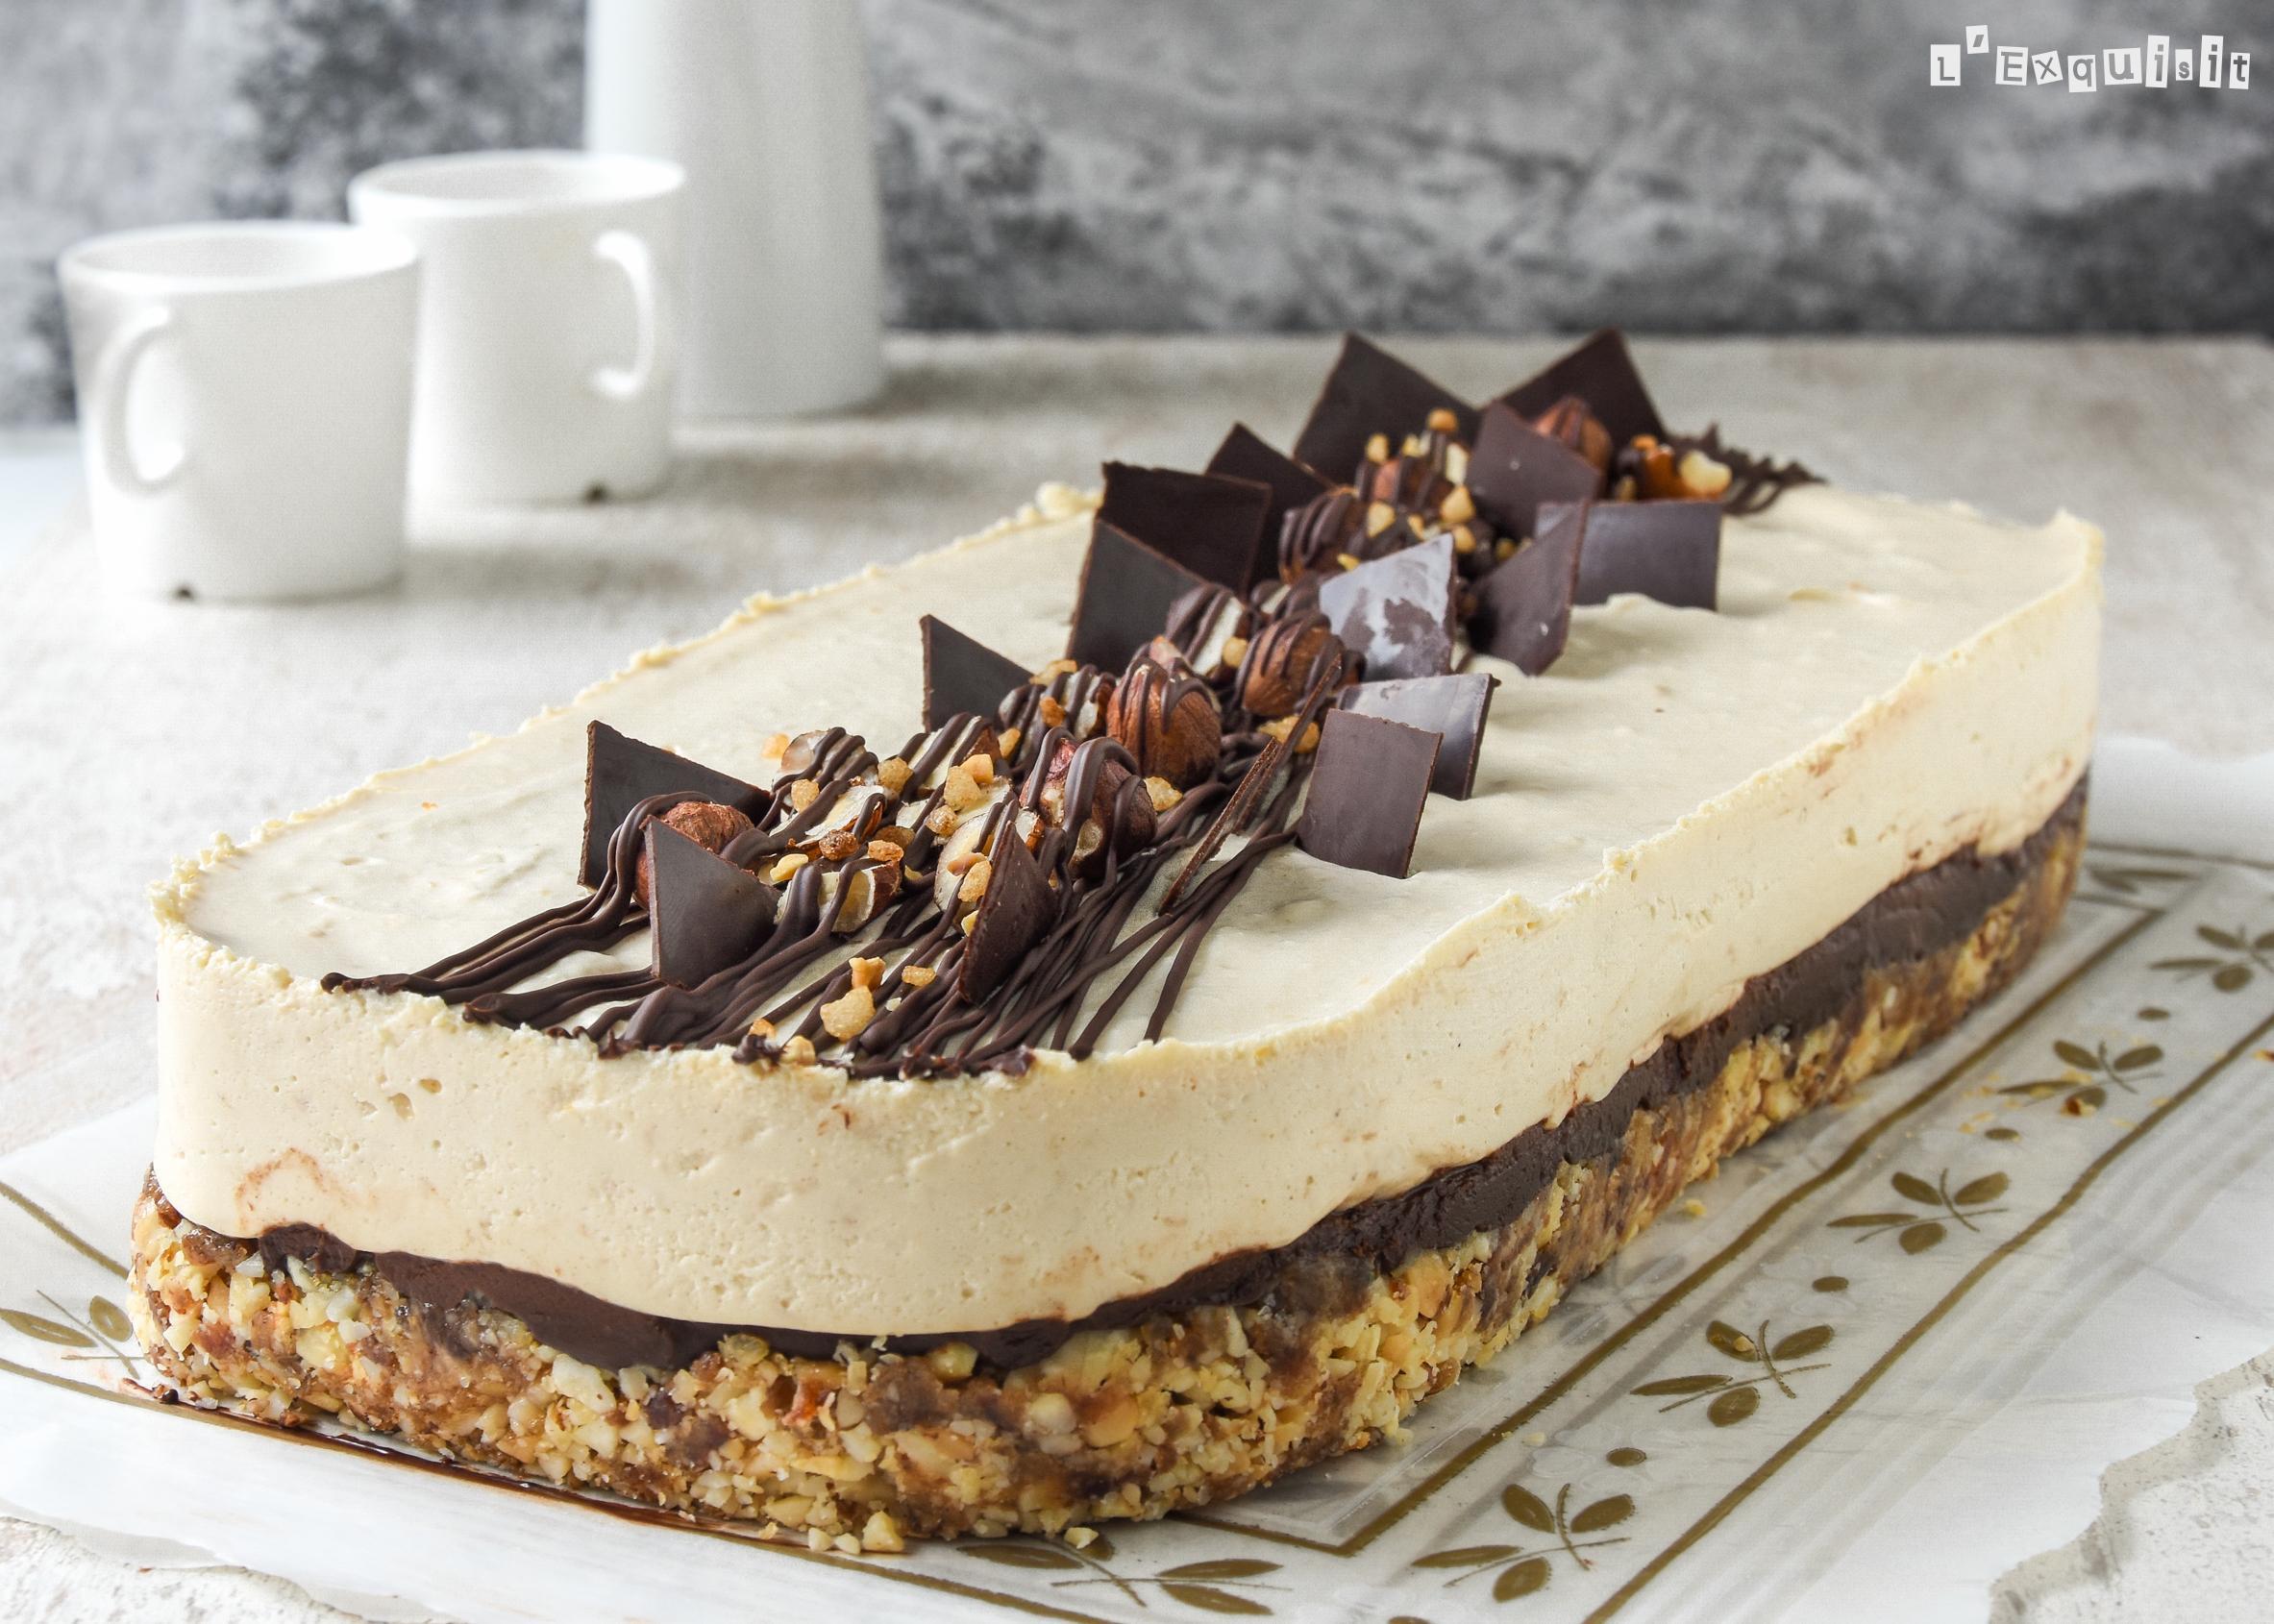 Tarta de queso al café con avellanas y chocolate